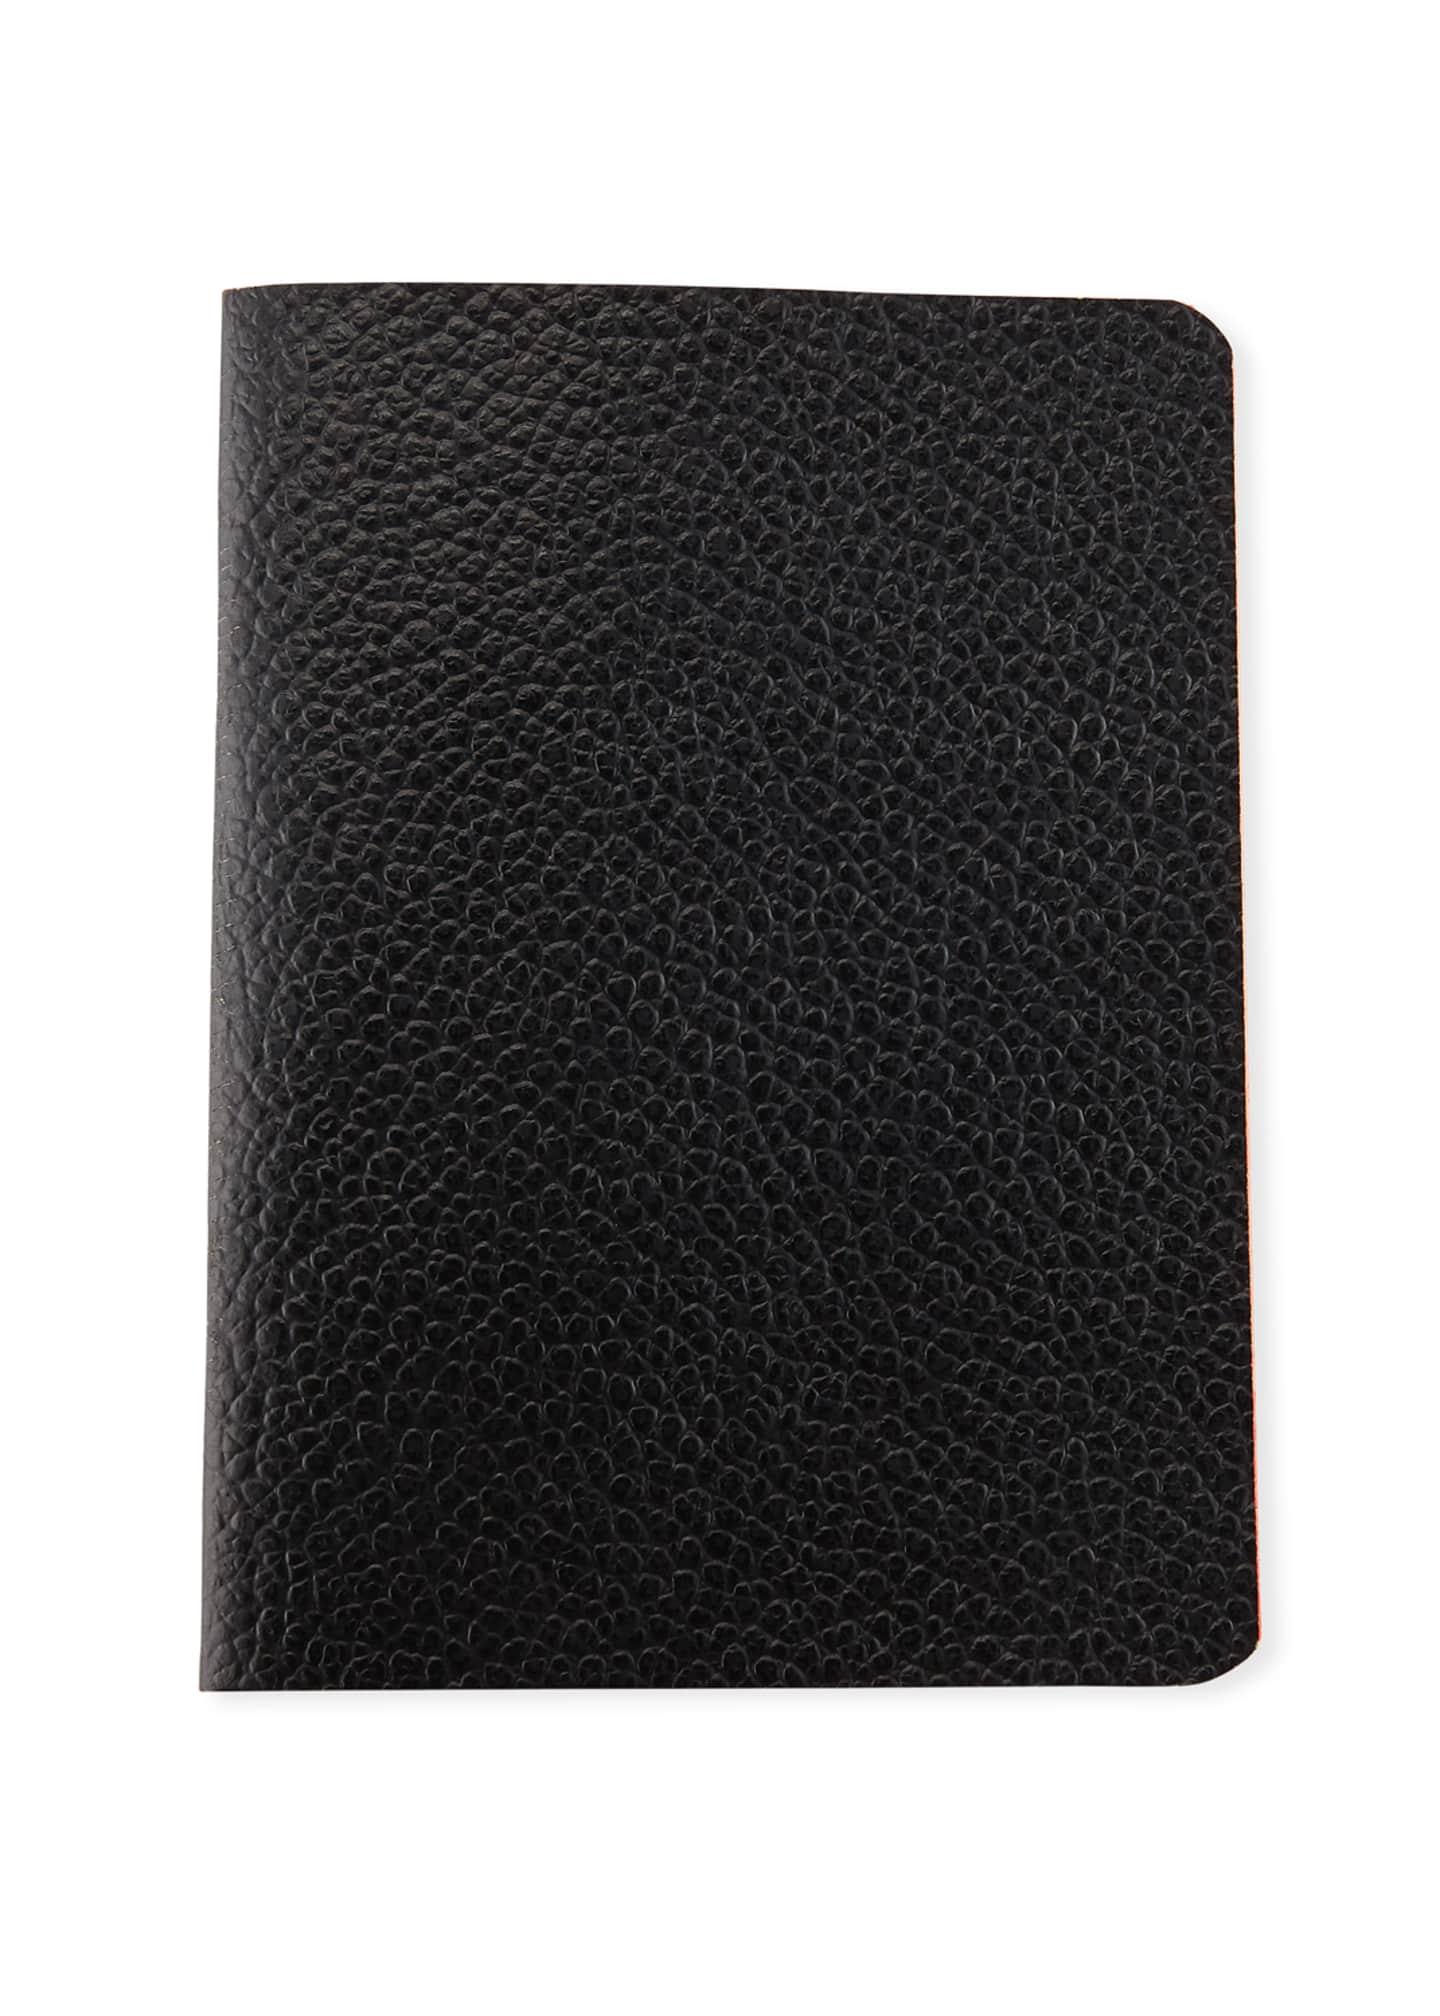 Choosing Keeping Handmade Leatherette Medium Notebook